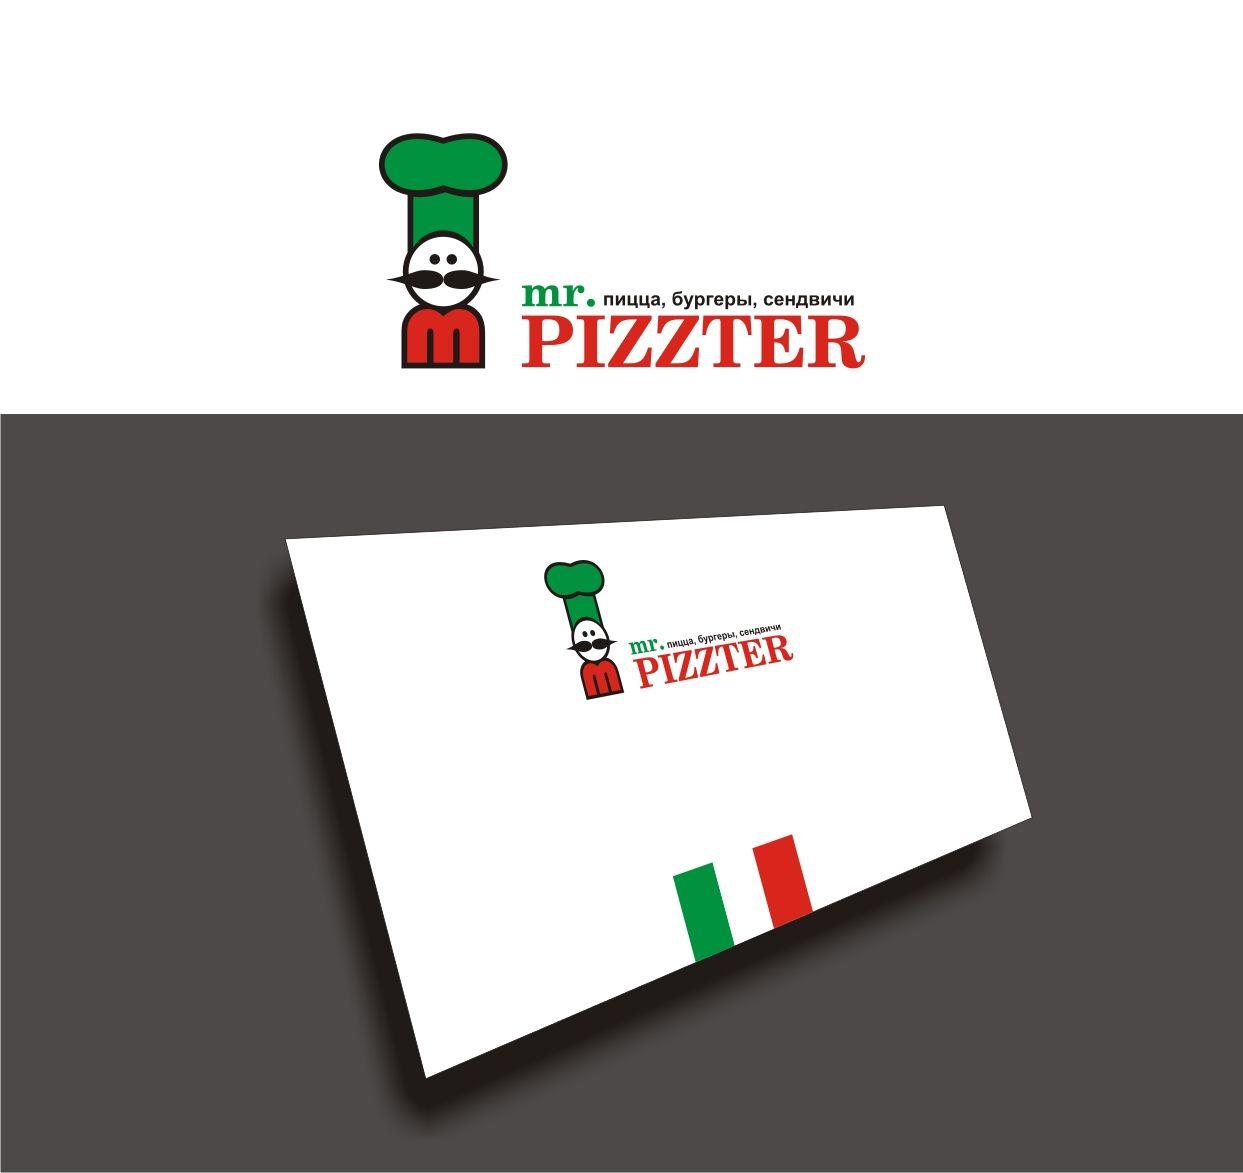 Доставка, кафе пиццы, сендвичей, бургеров. - дизайнер LiXoOnshade